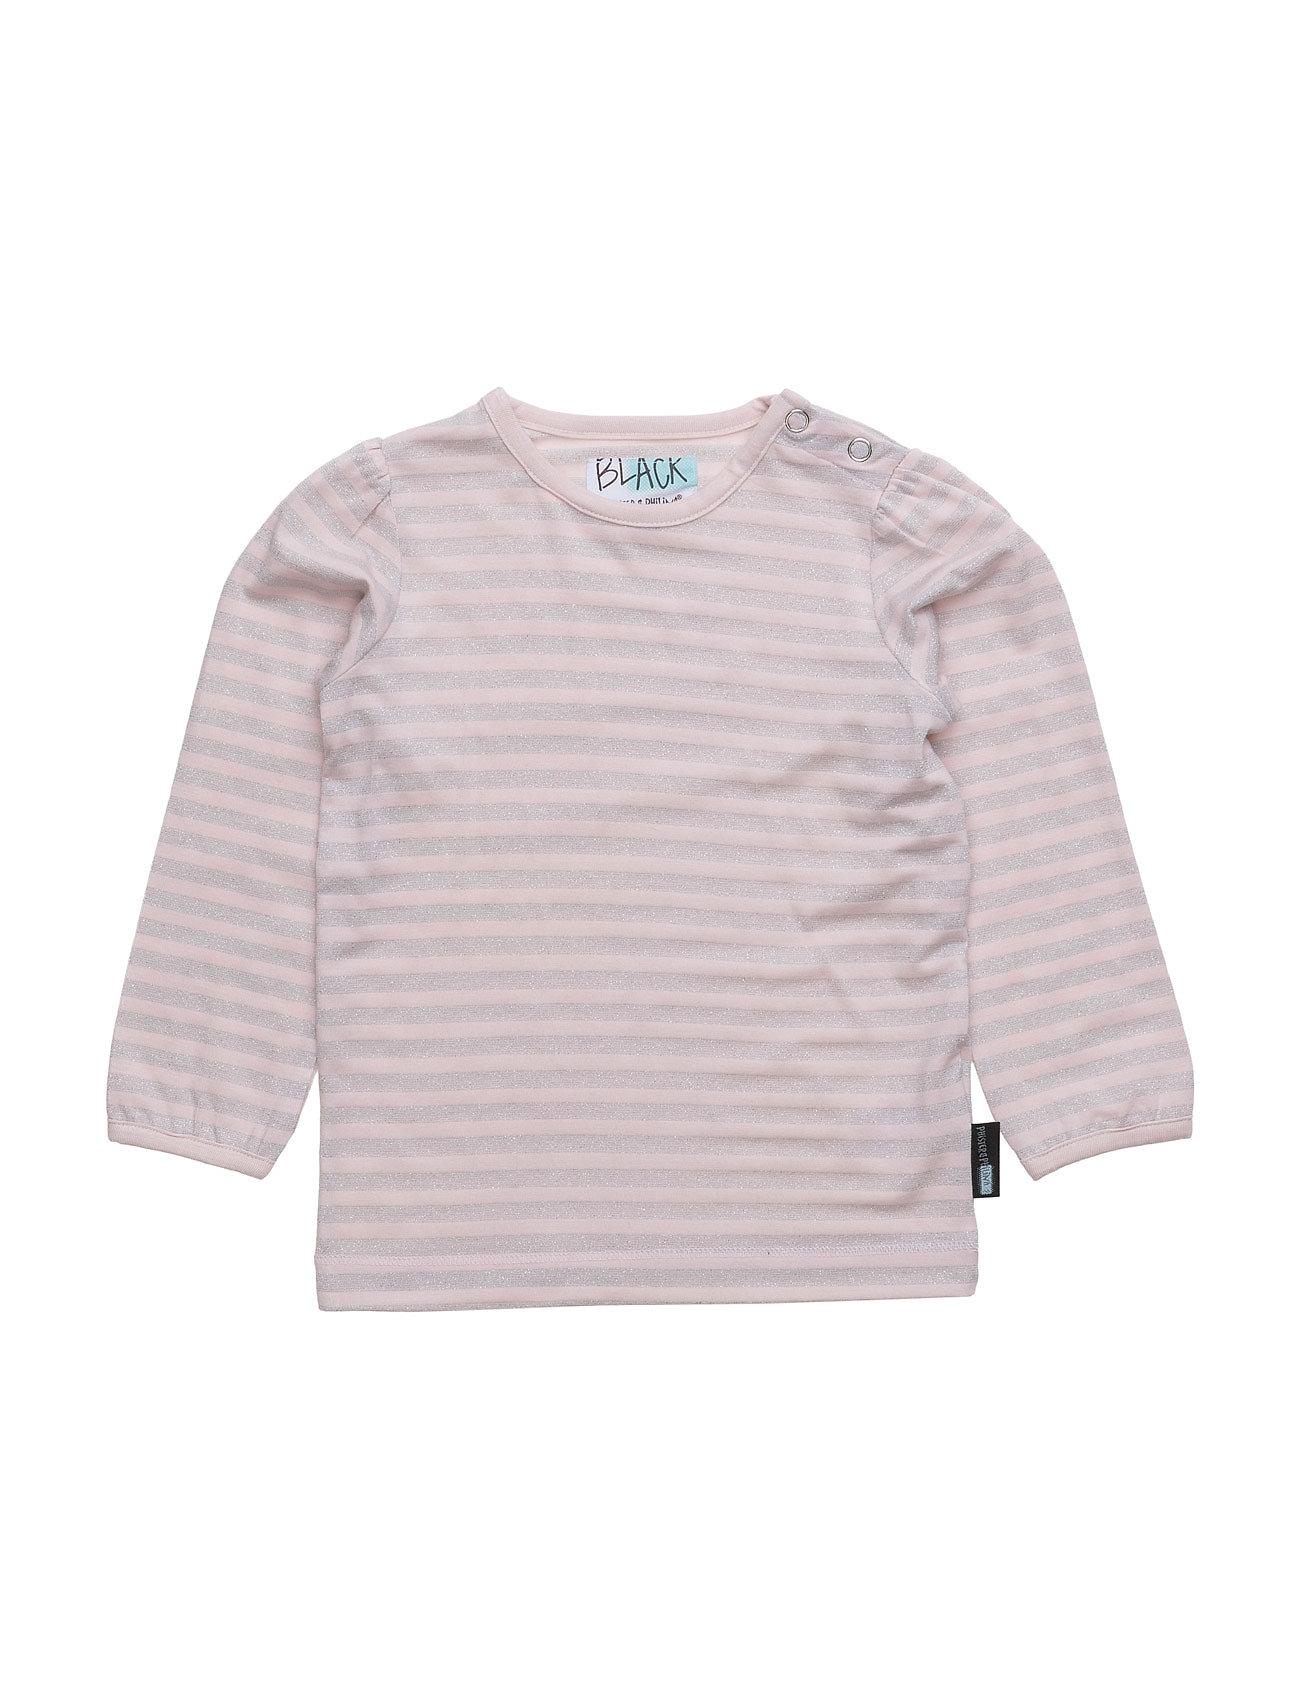 Eivor Silver Top Phister & Philina Langærmede t-shirts til Børn i